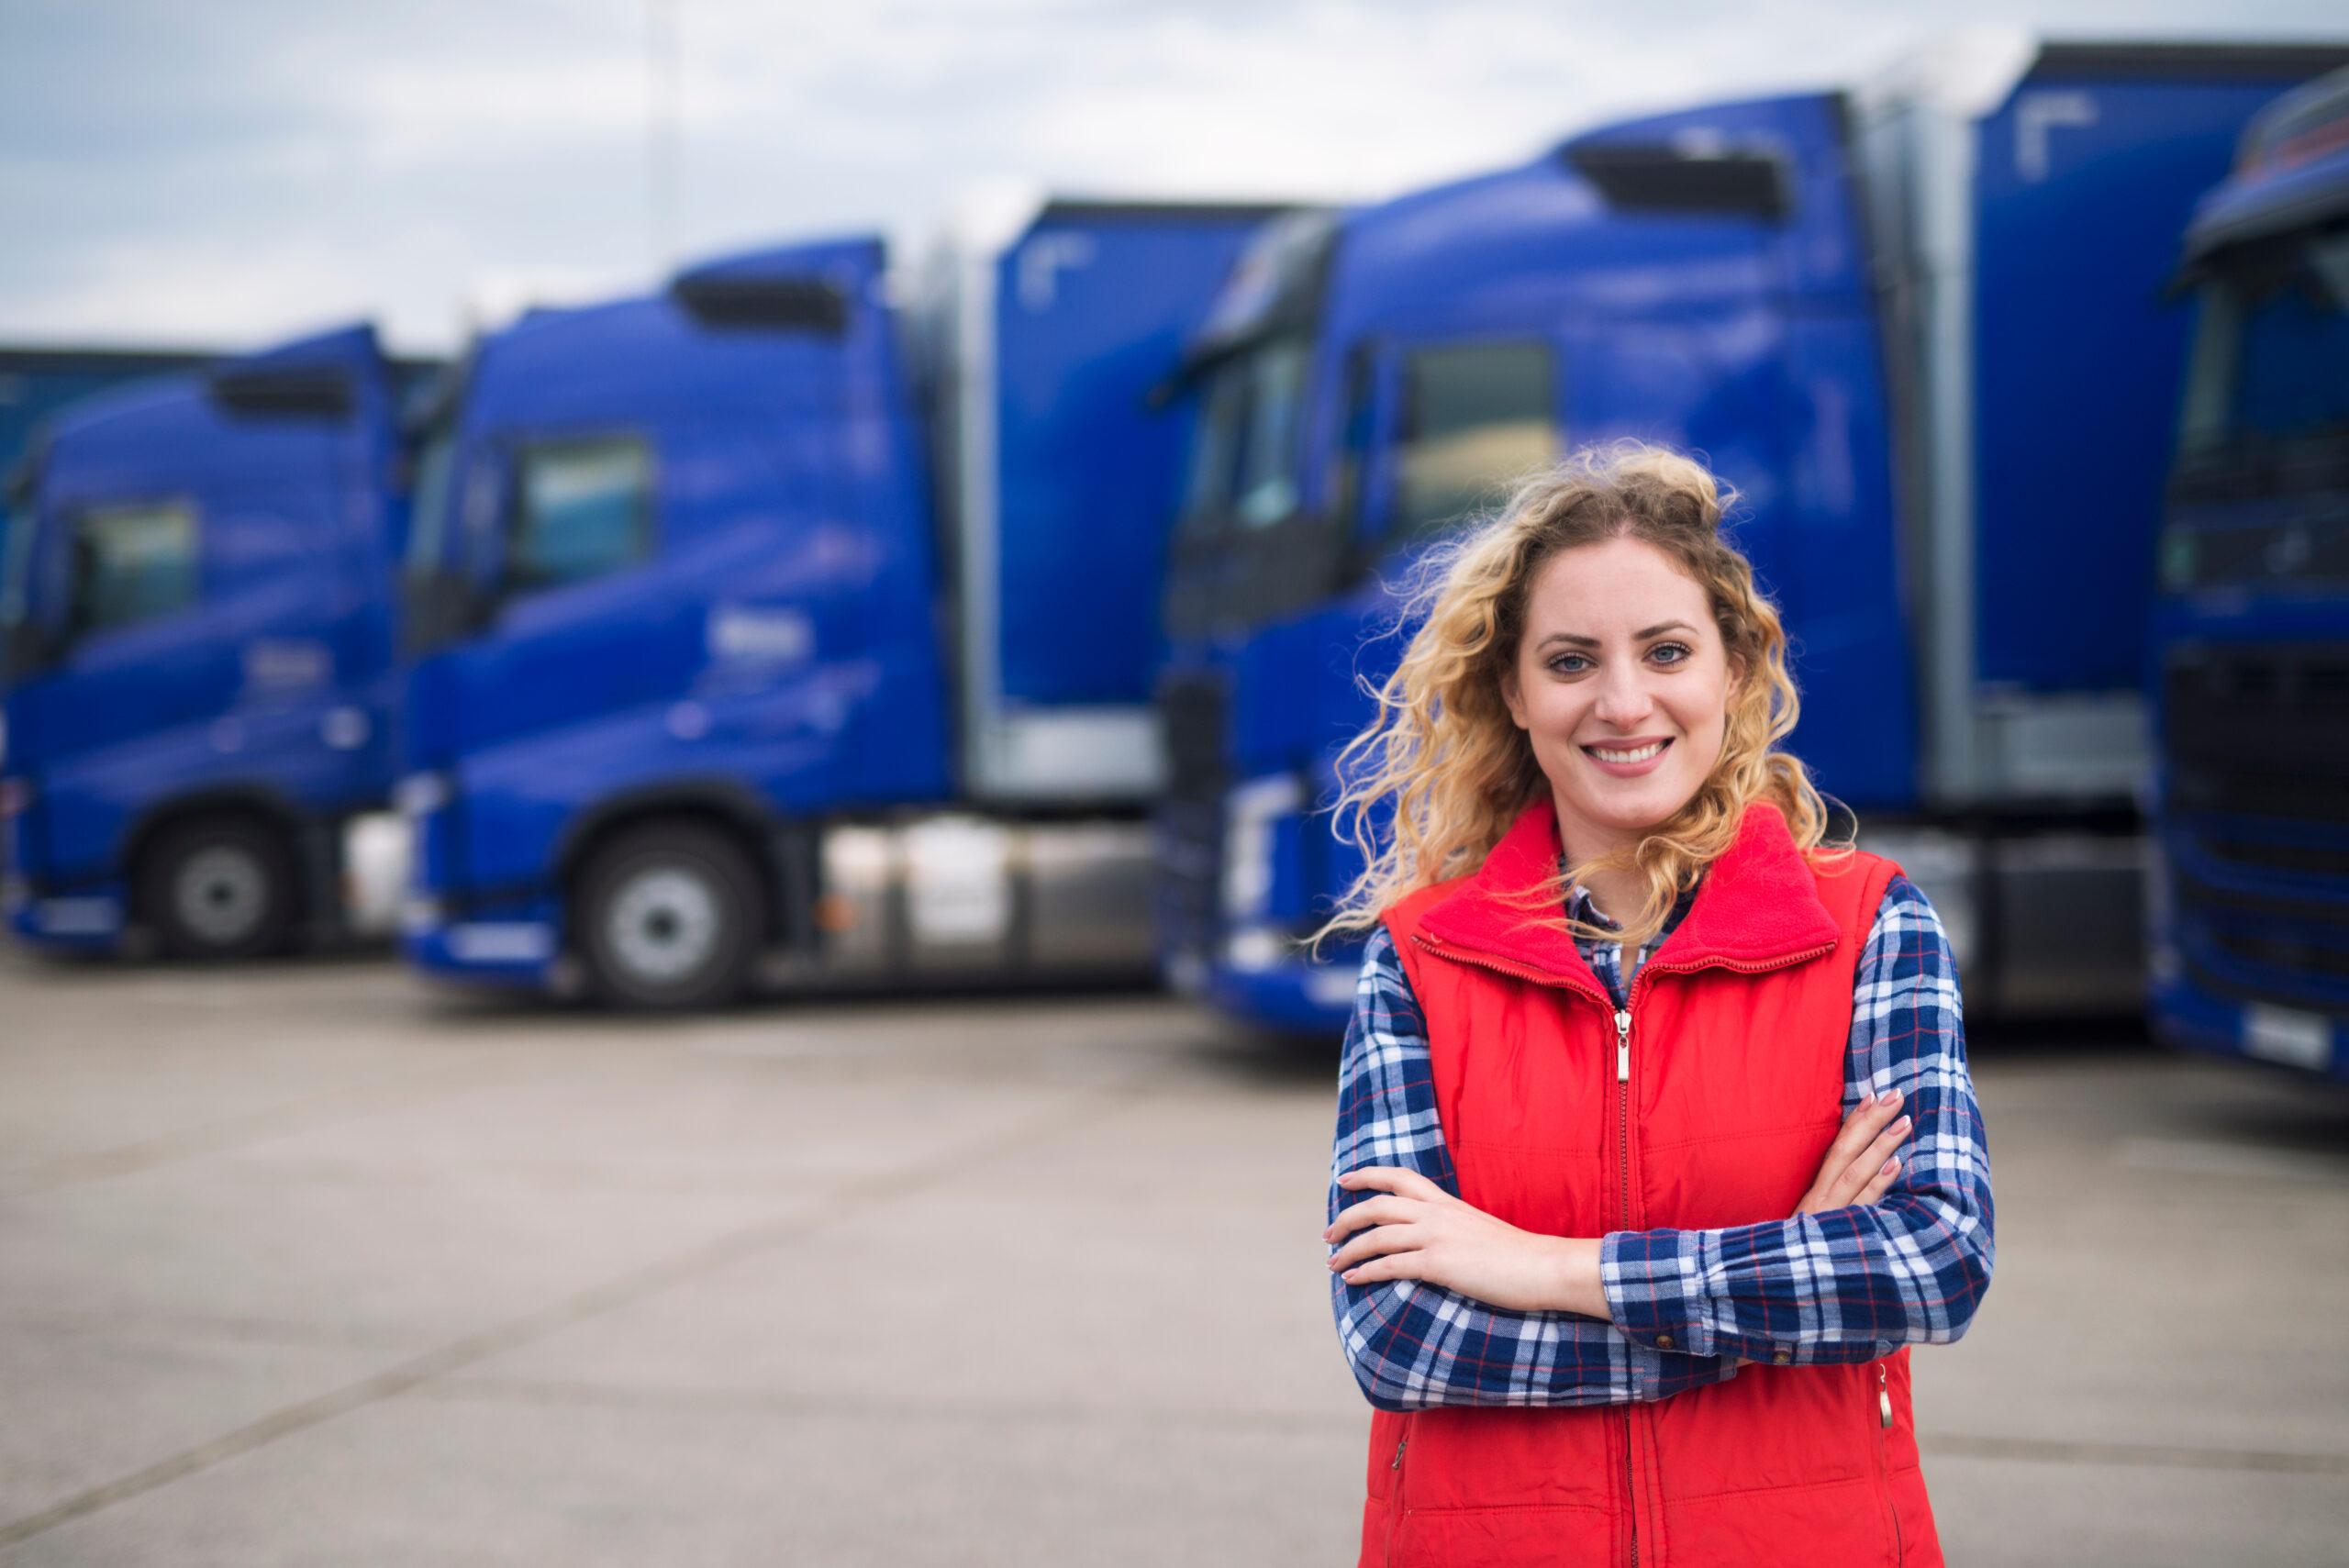 Female Trucker Smiling in Front of Trucks